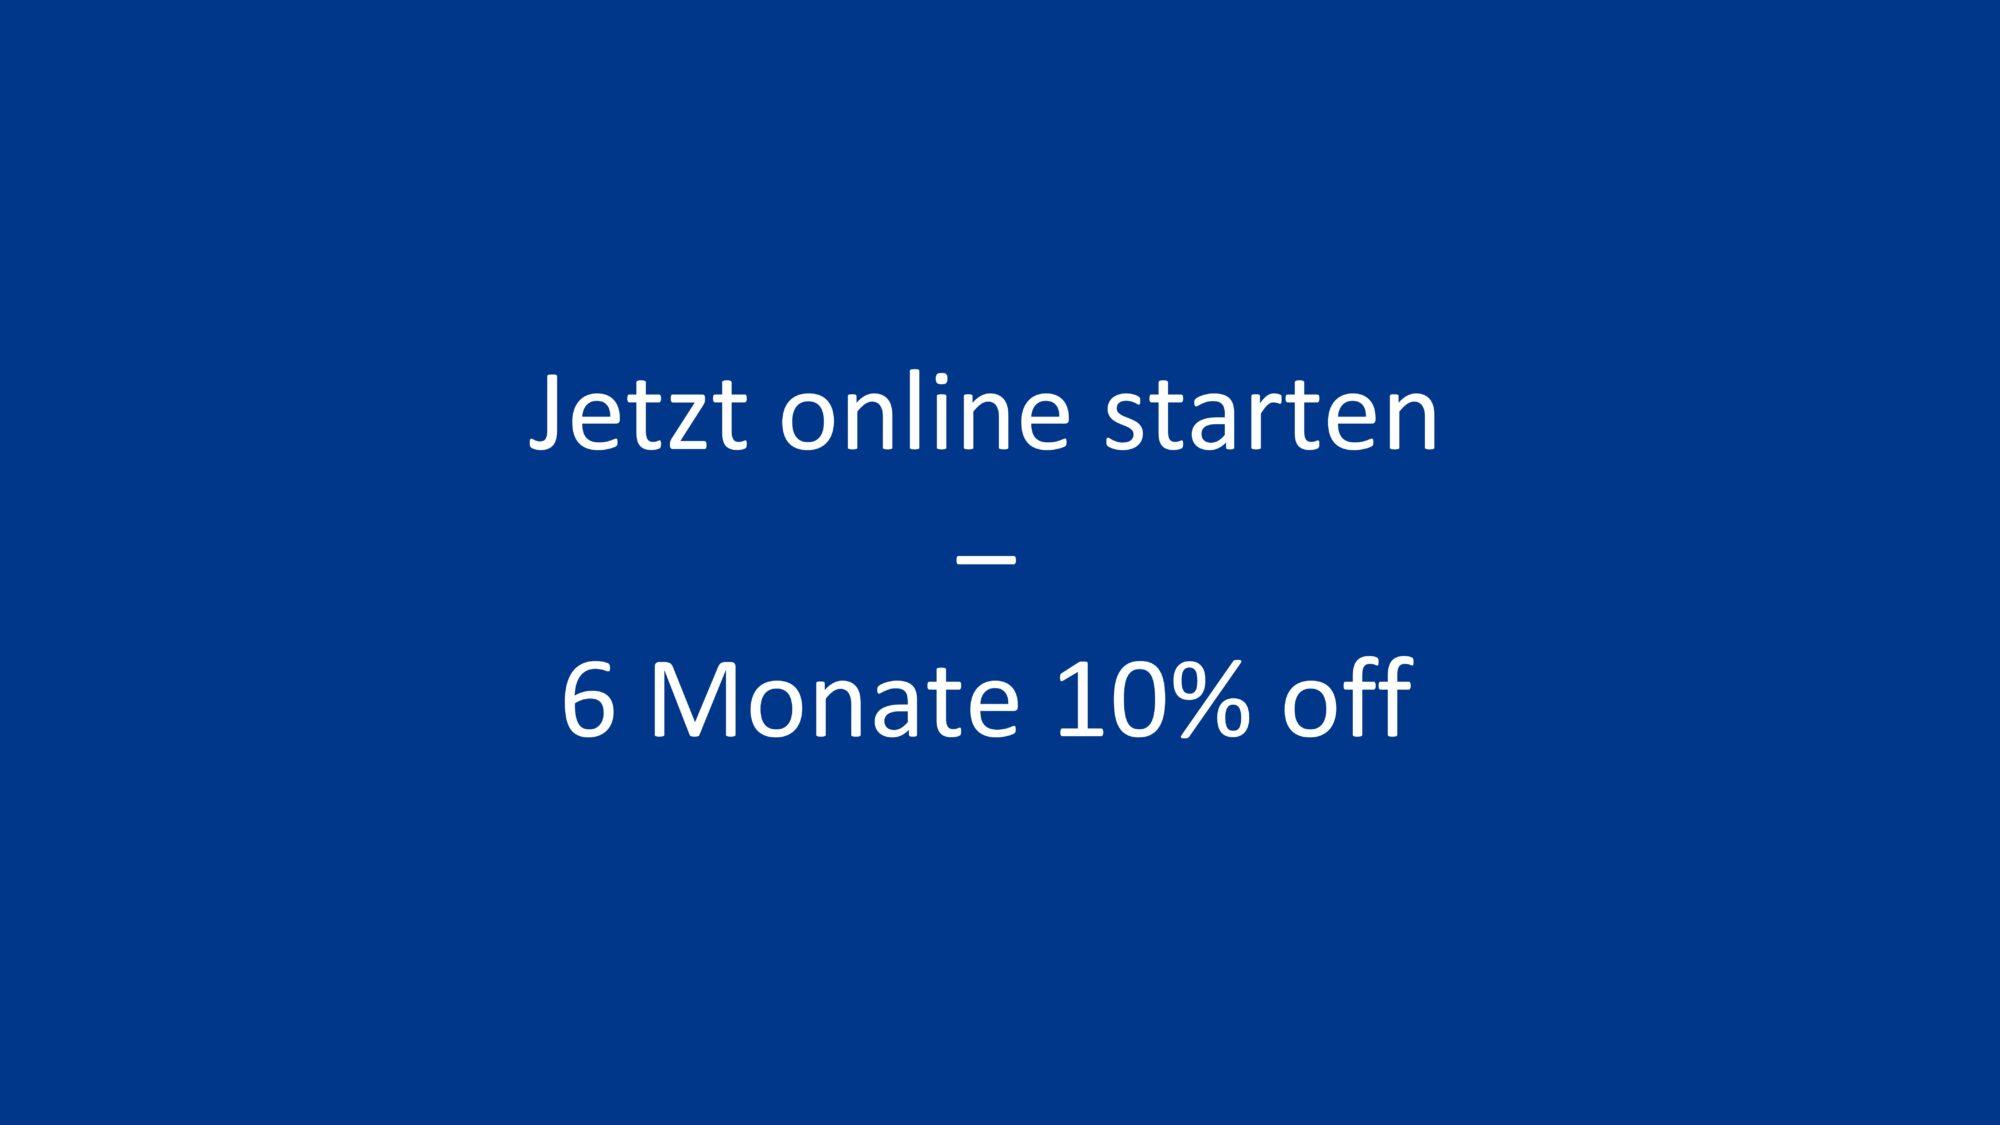 Jetzt online starten - 6 Monate 10 Prozent off